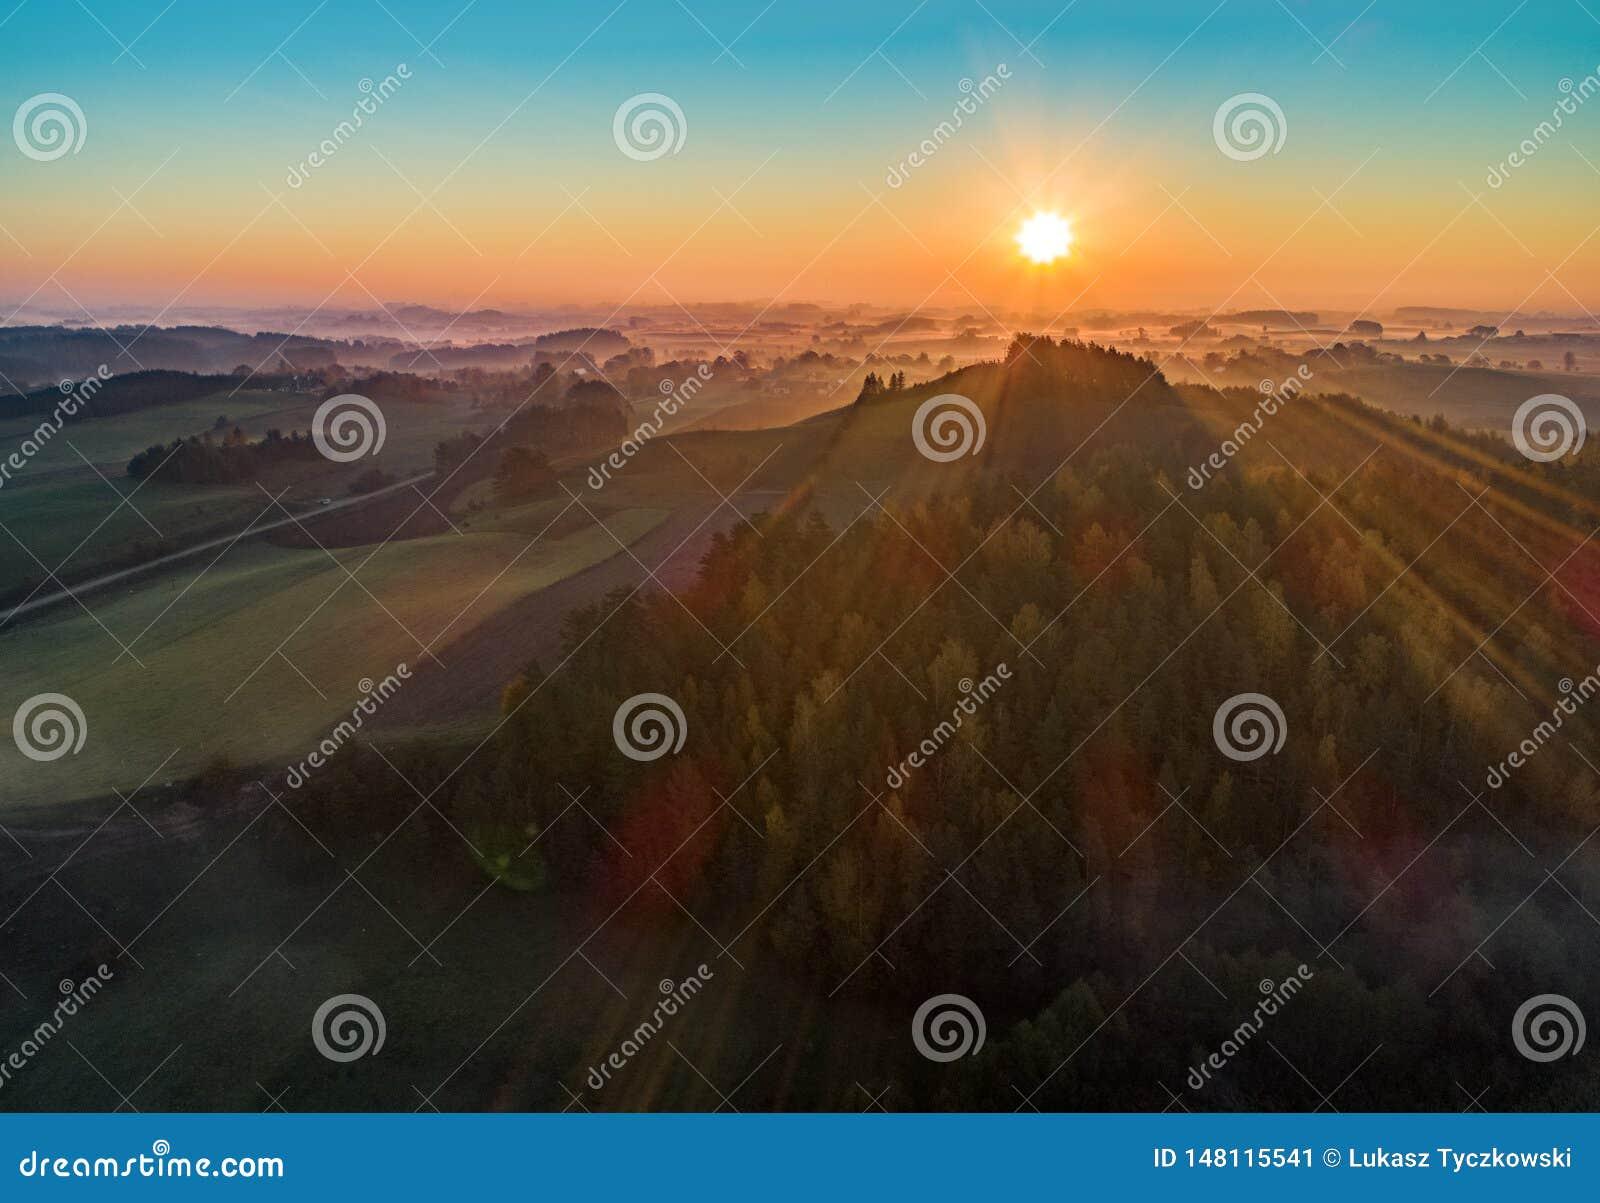 Ανατολή πέρα από ένα βουνό και ένα δάσος - εναέρια φωτογραφία